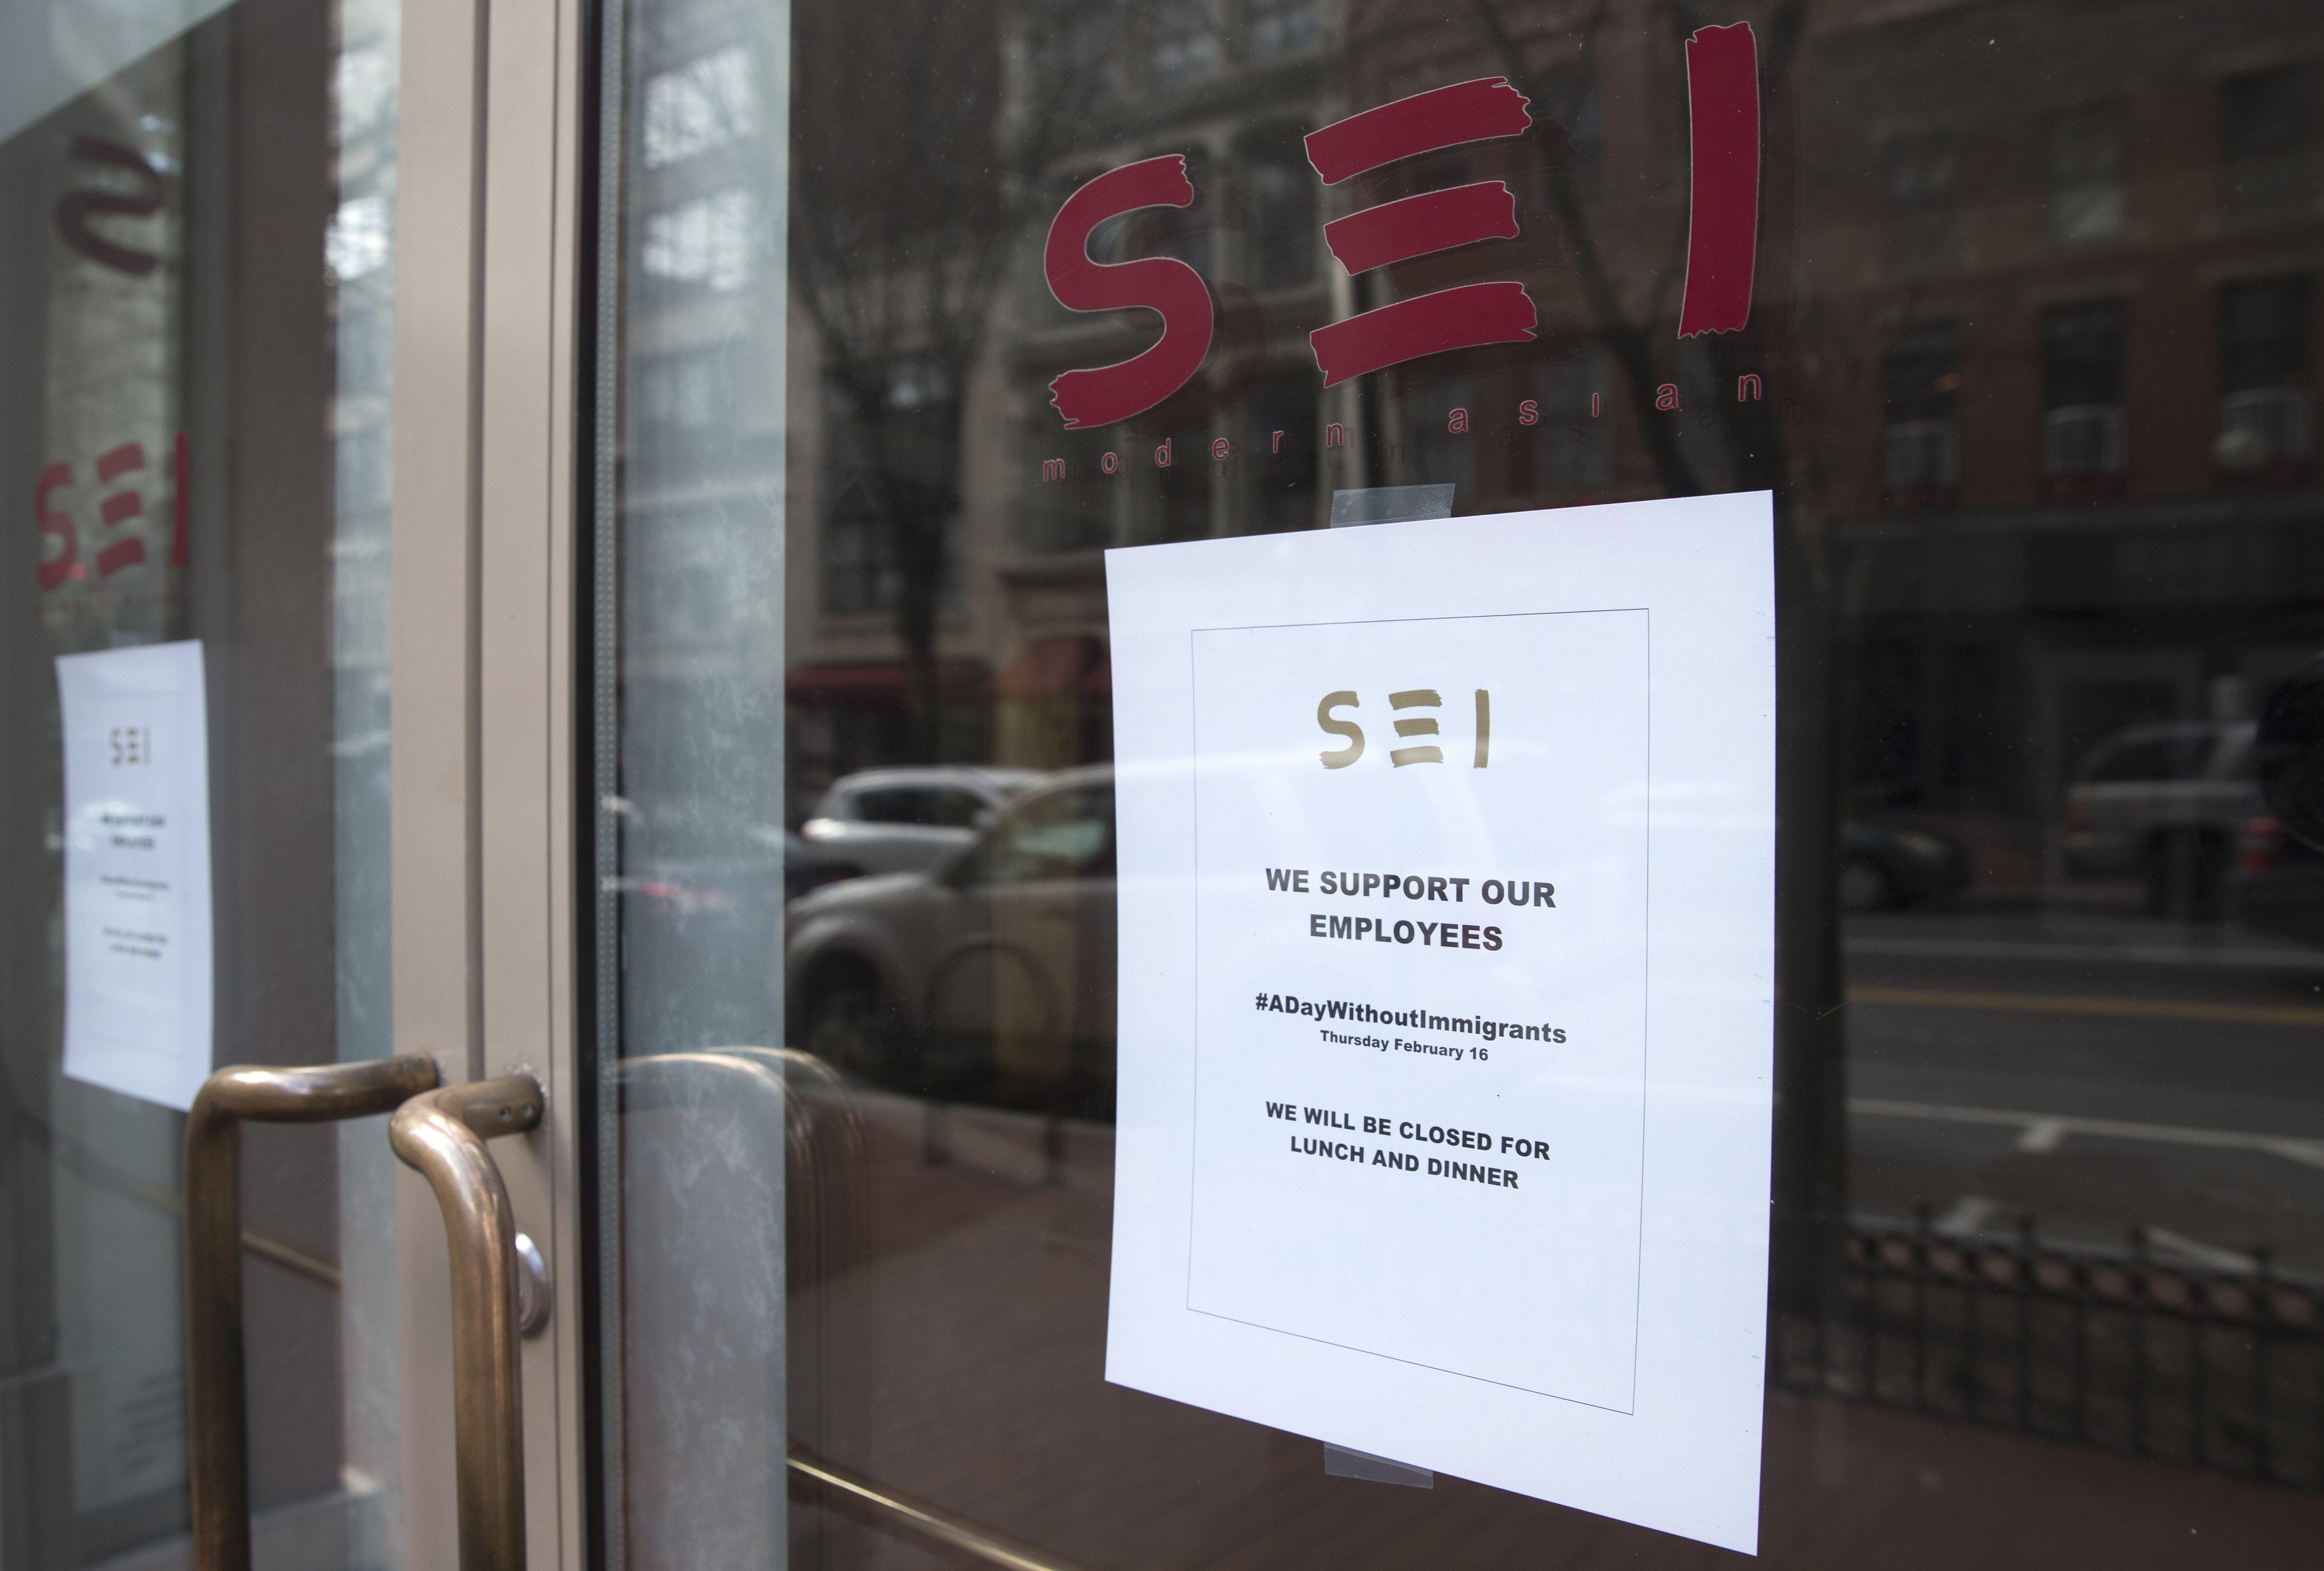 El restaurante asiático Sei se sumó a la protesta